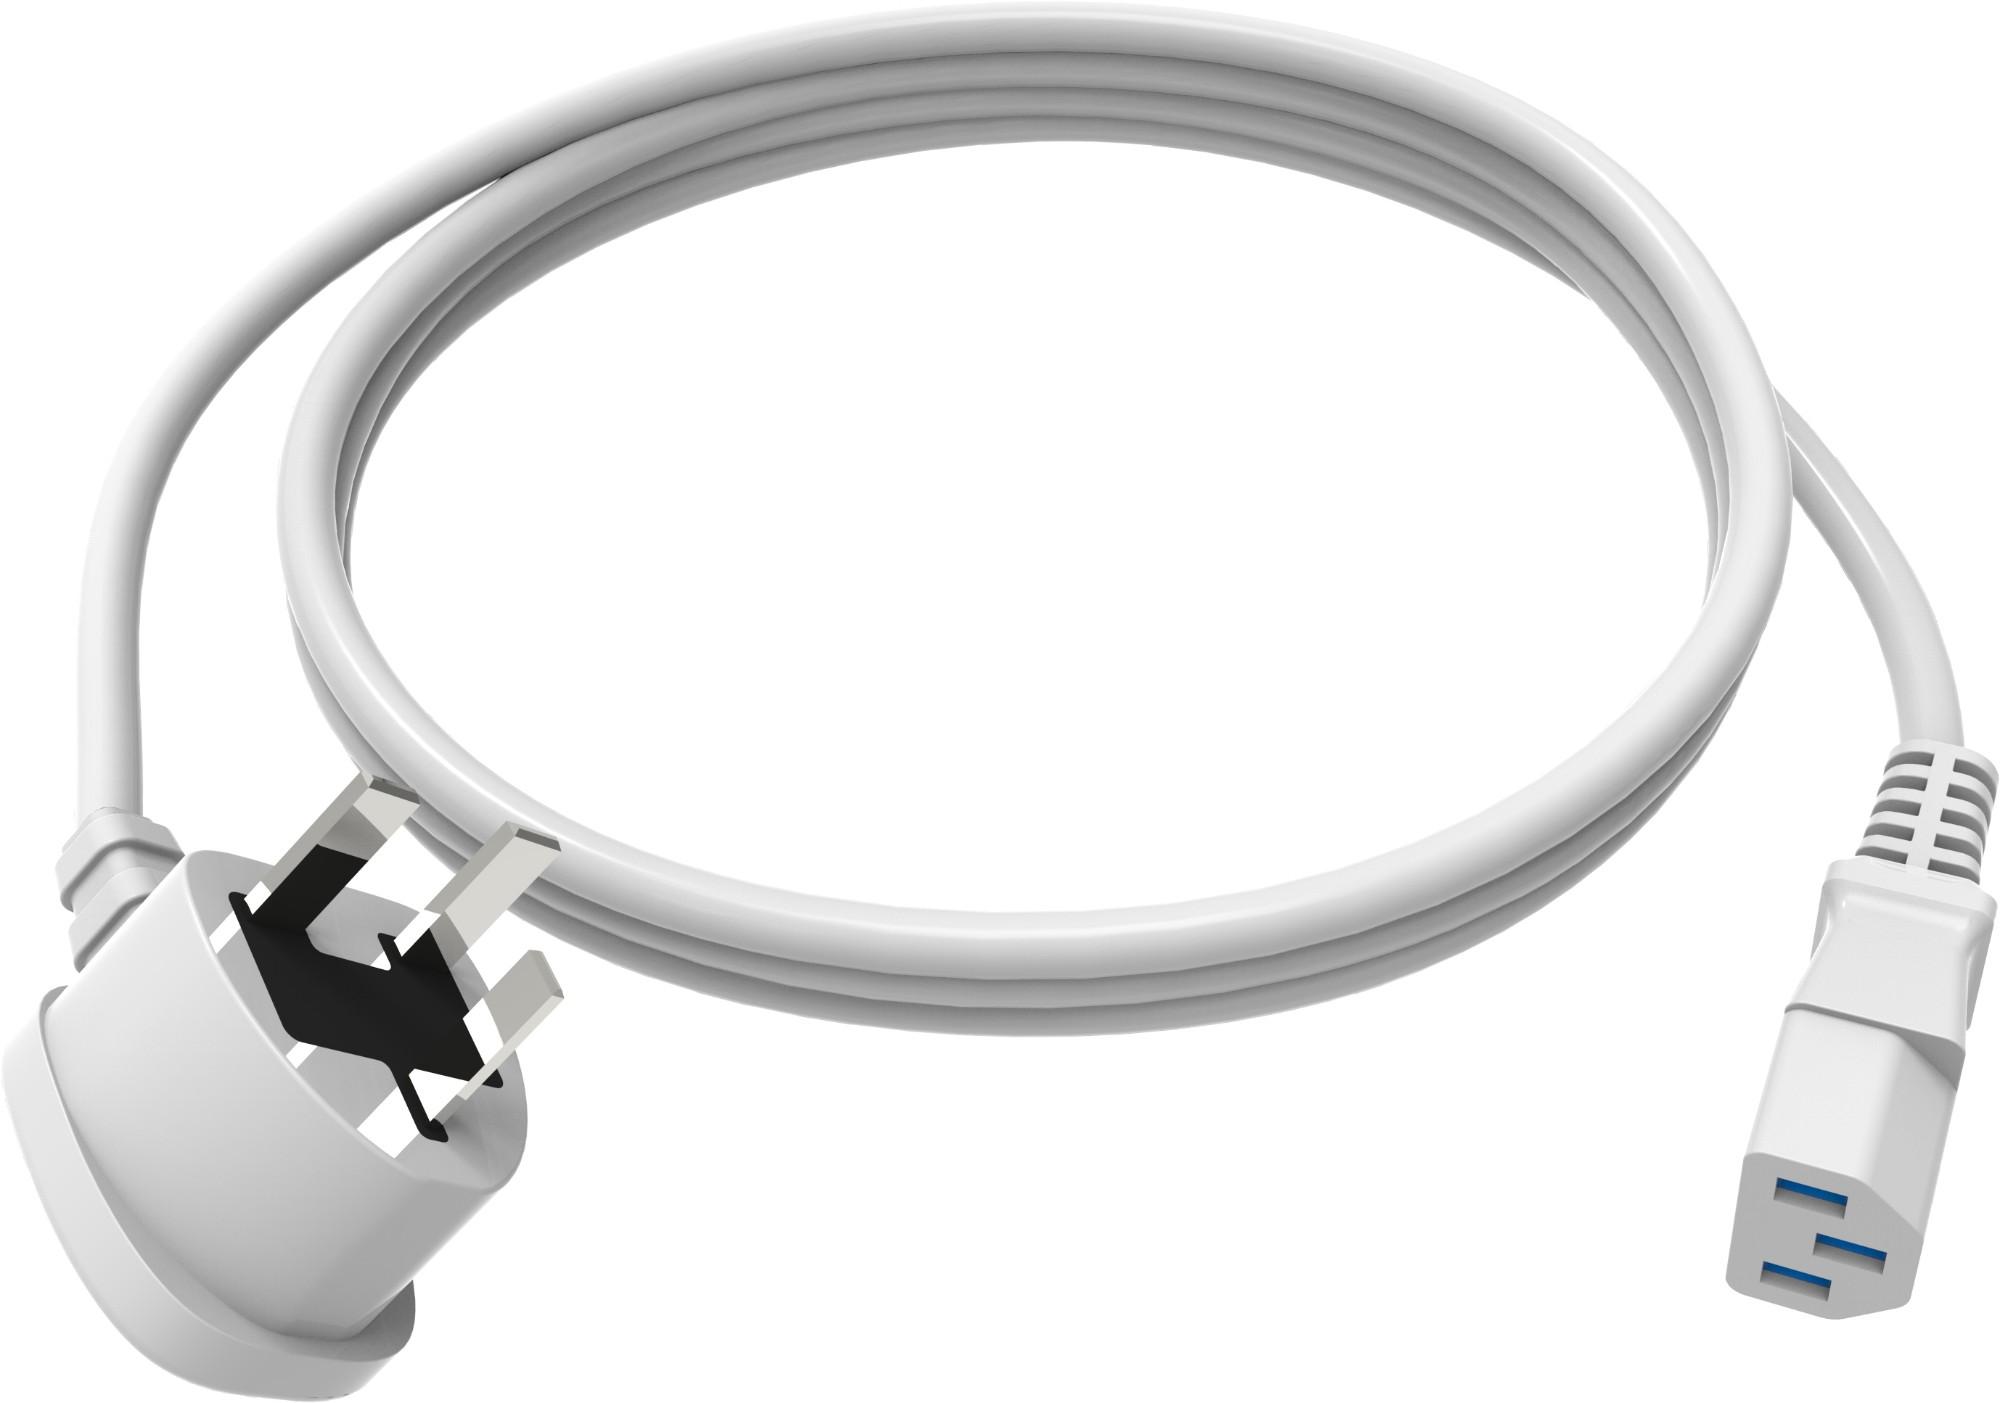 Vision TC 2MUKIEC cable de transmisión Blanco 2 m C13 acoplador BS 1363